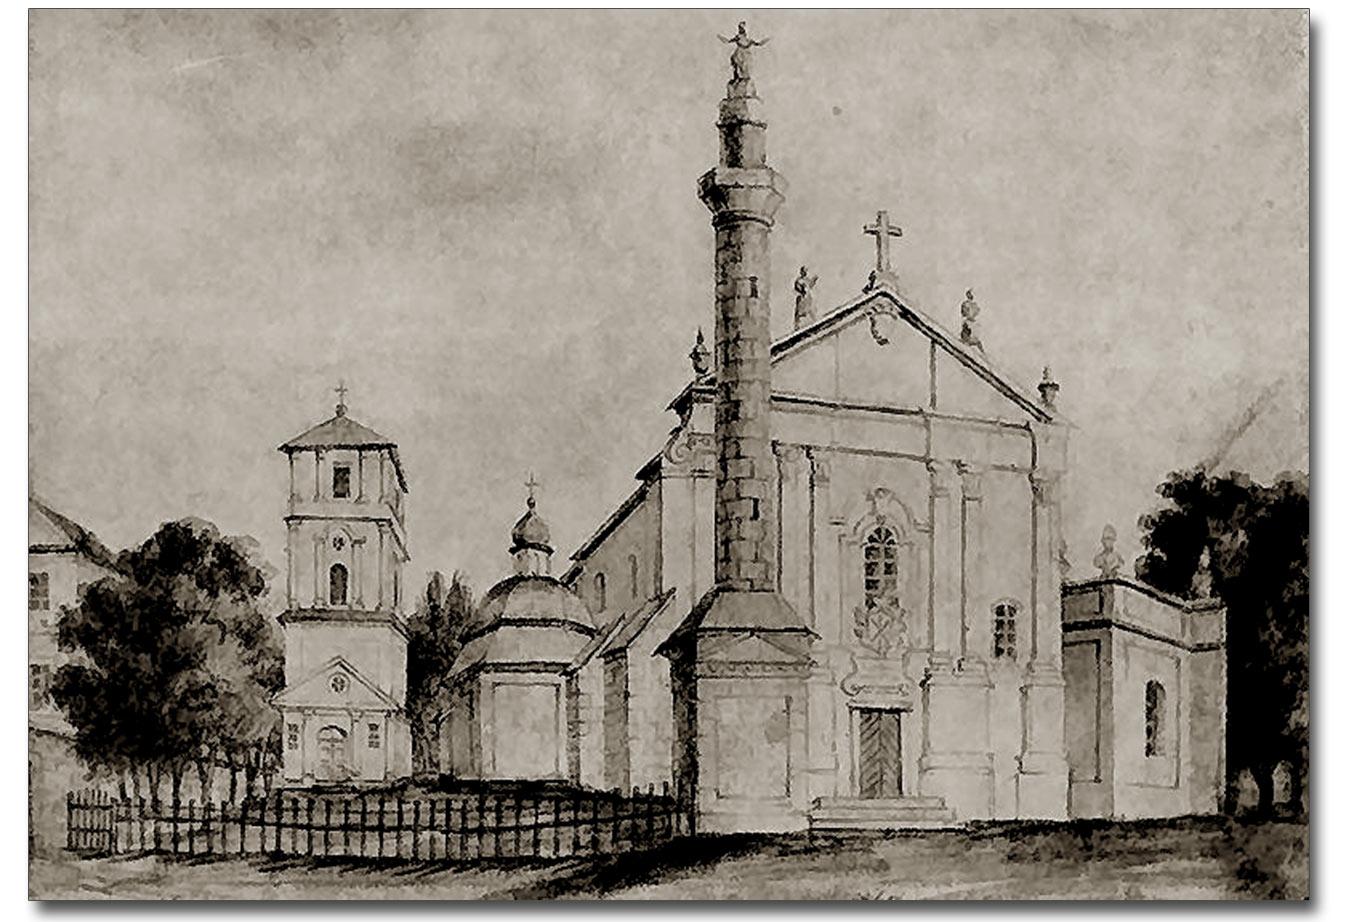 Szkic katedry Św. Piotra i Pawła w Kamieńcu Podolski autorstwa Napoleona Ordy. 1765 r.